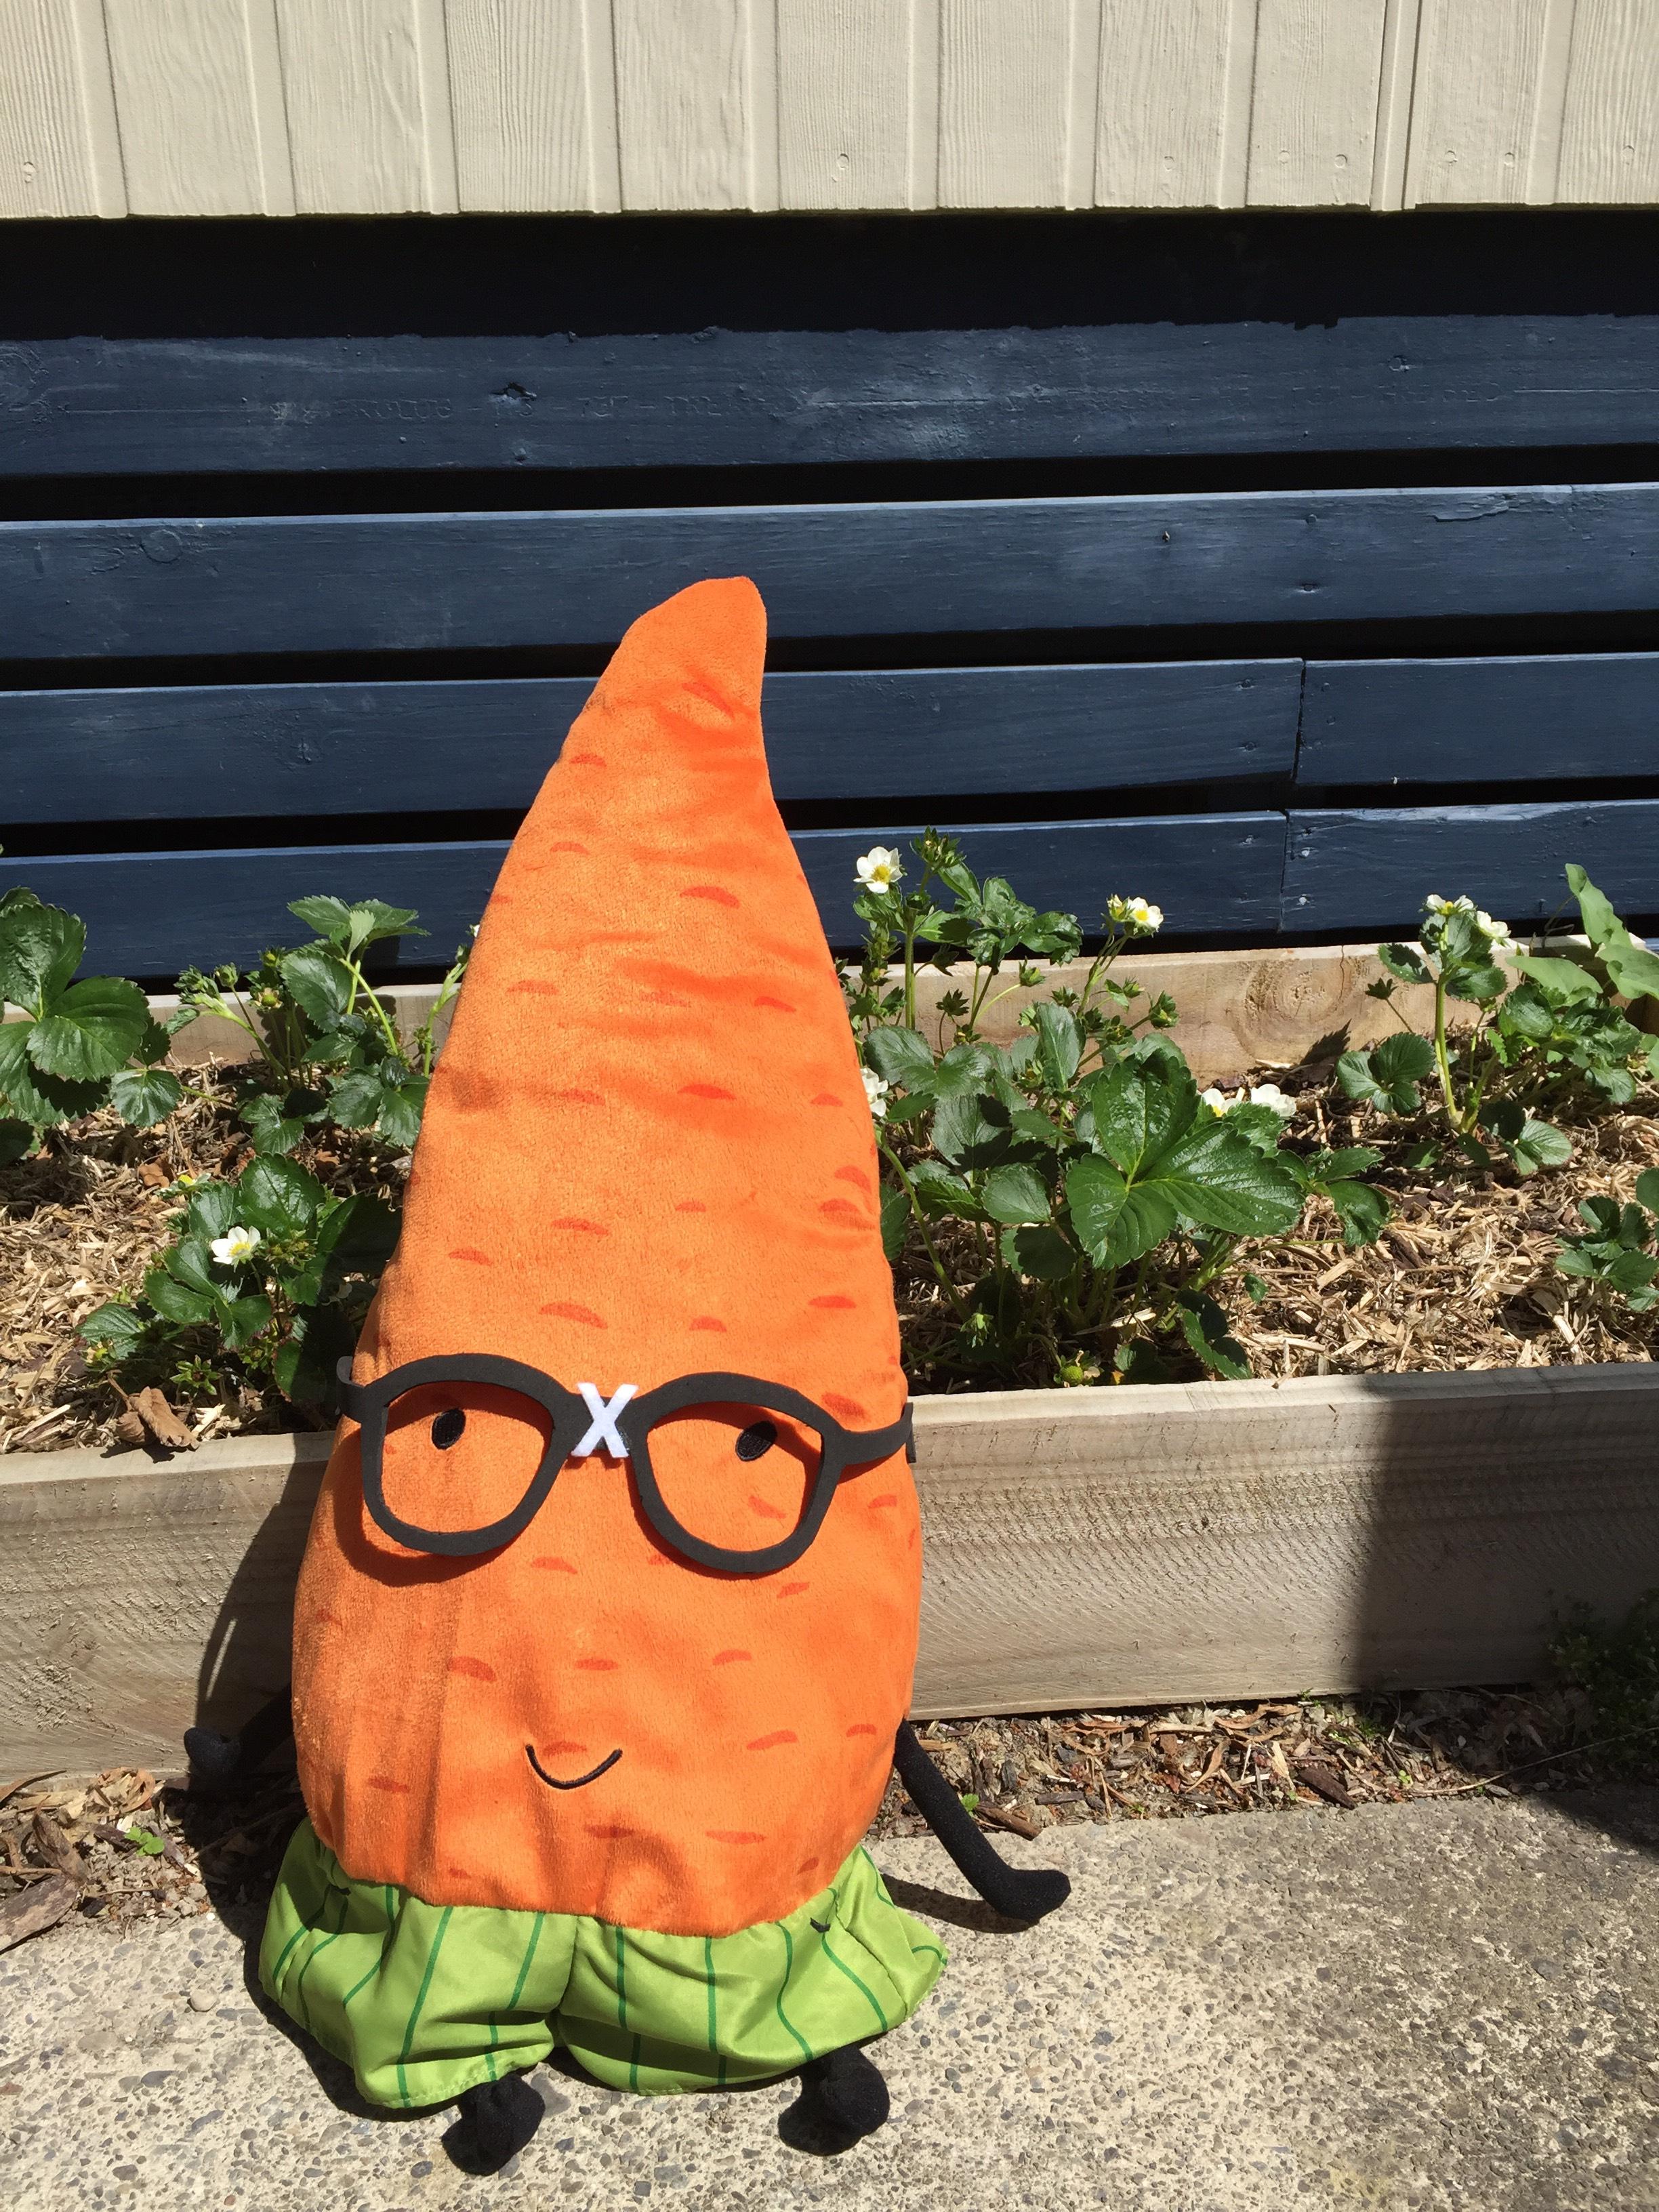 Gardenerd visits David's home garden to see his strawberries.